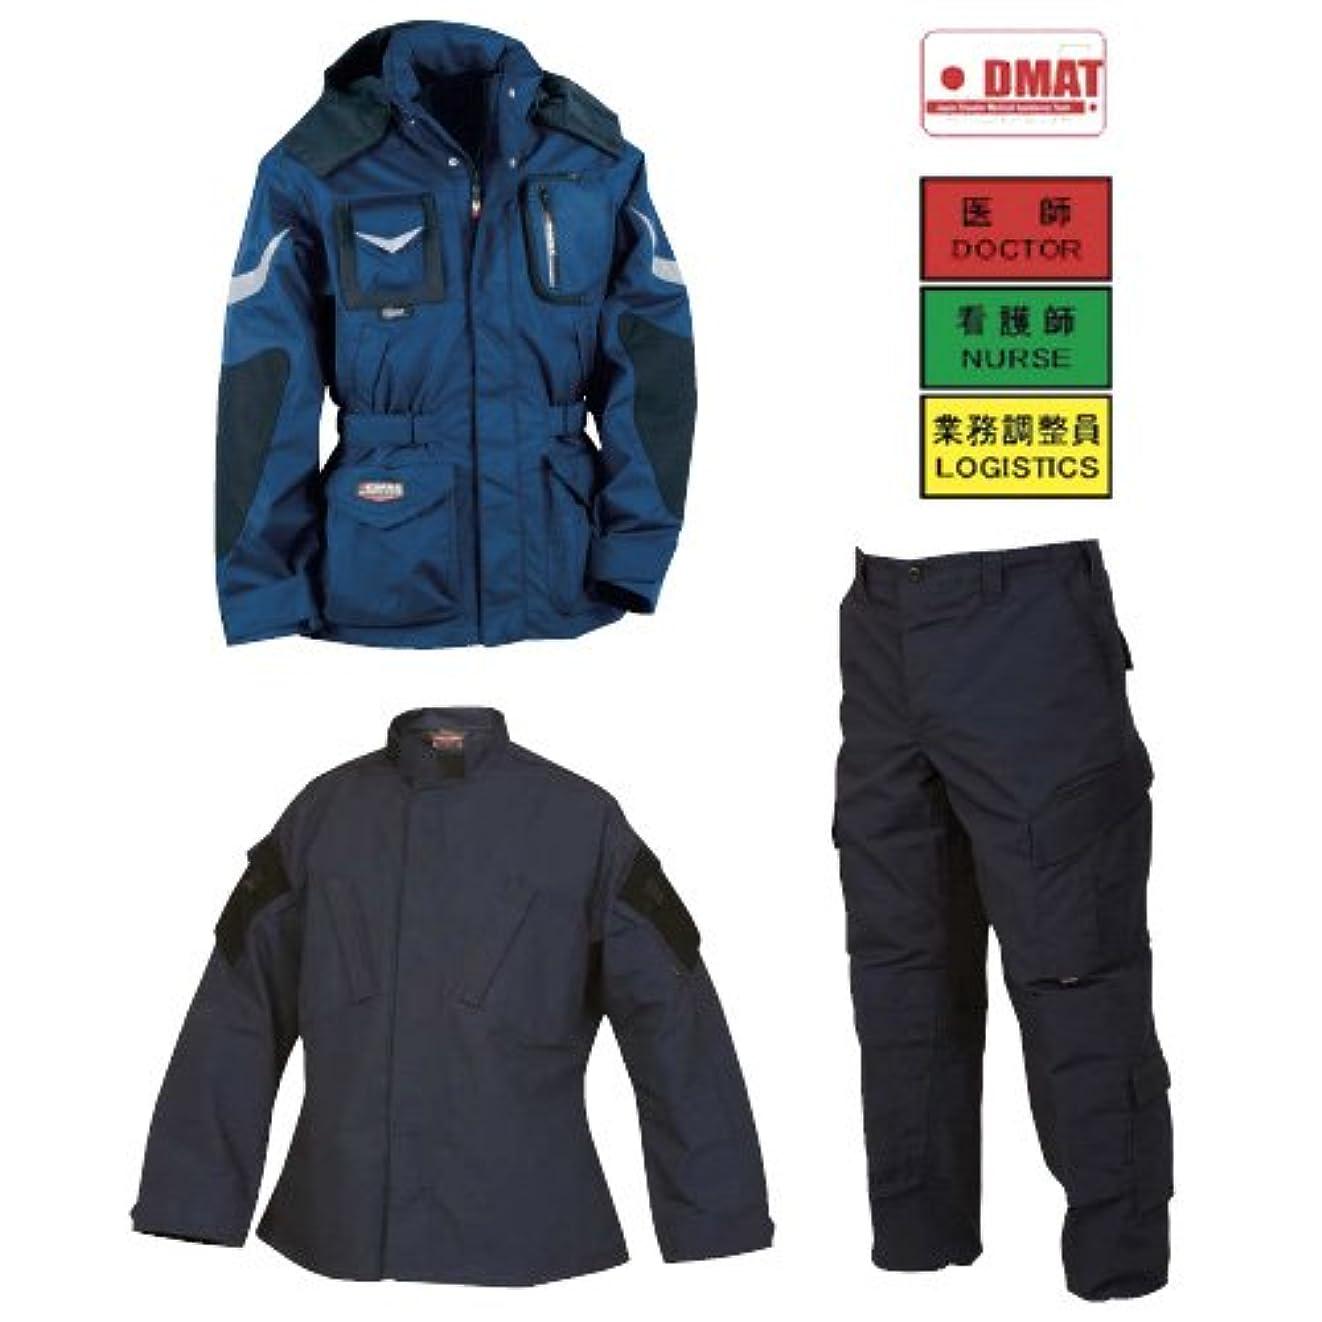 セール品種意図EMSユーティリティシャツ GLS-247S(M) EMS?????????? ブラック(23-7533-01-02)【日本特装】[1枚単位]